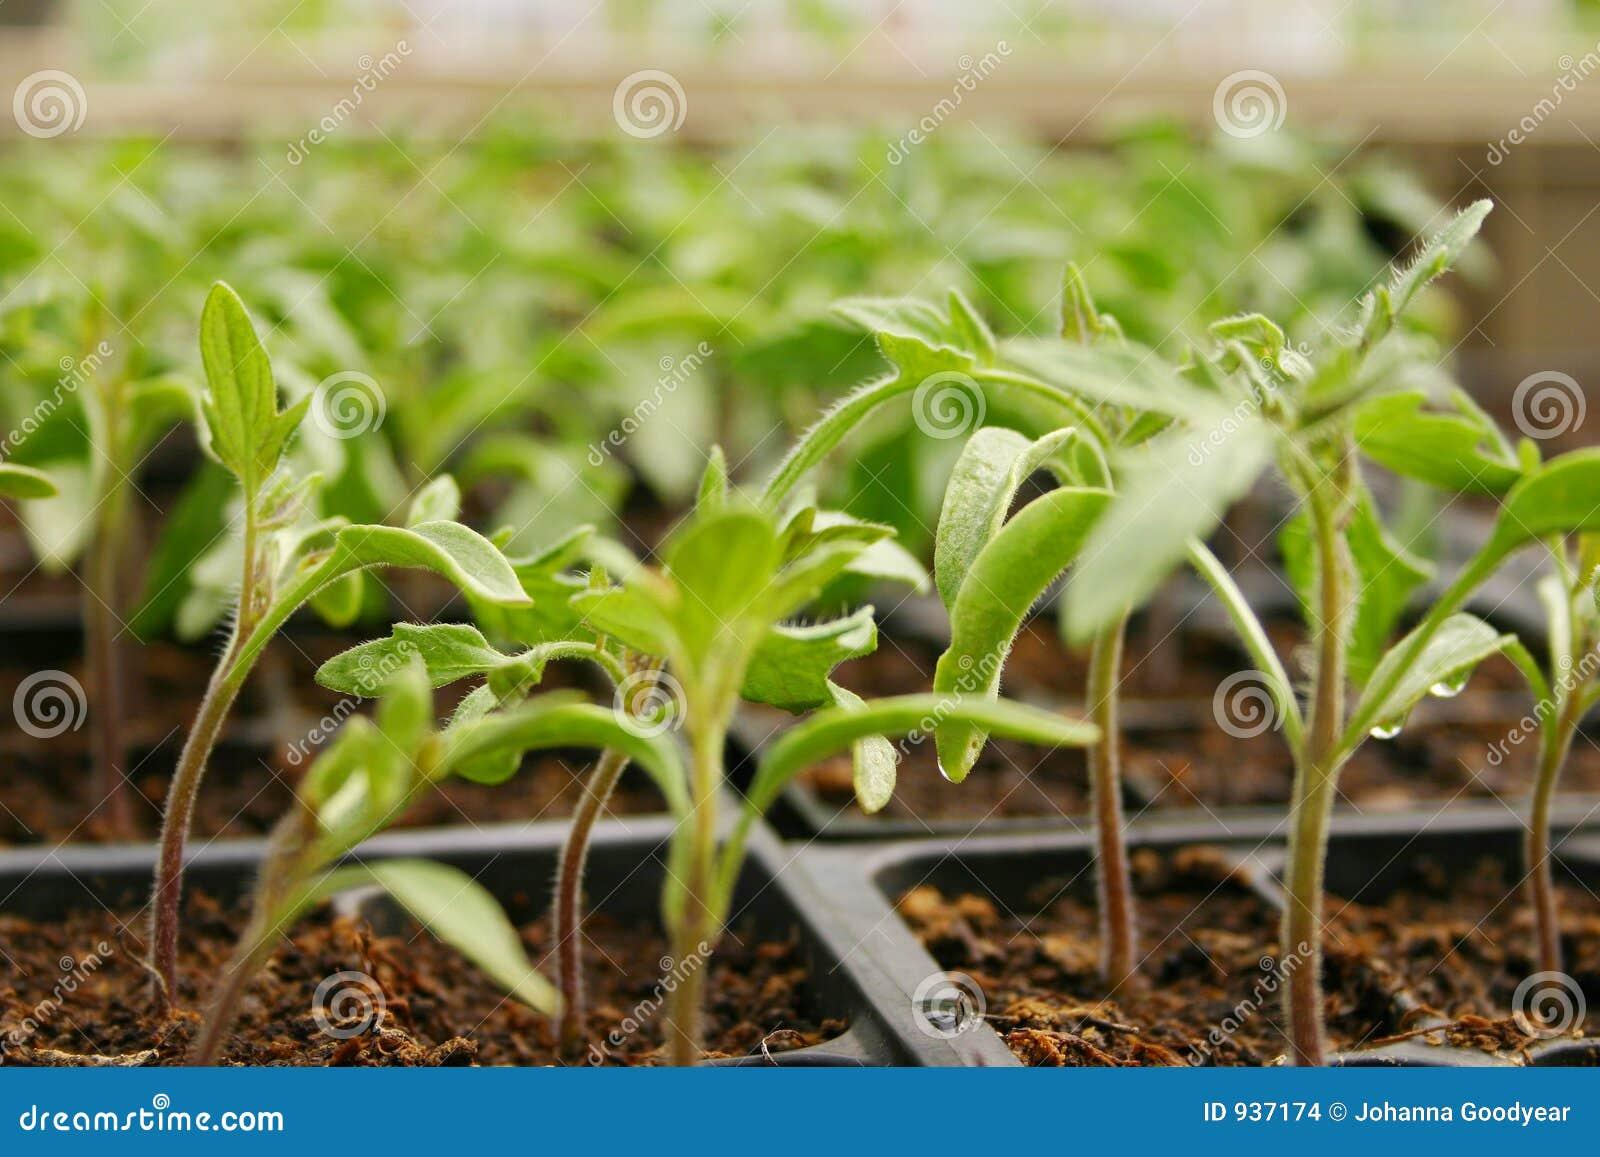 Plantas de invernadero imagenes de archivo imagen 937174 for Plantas para invernadero